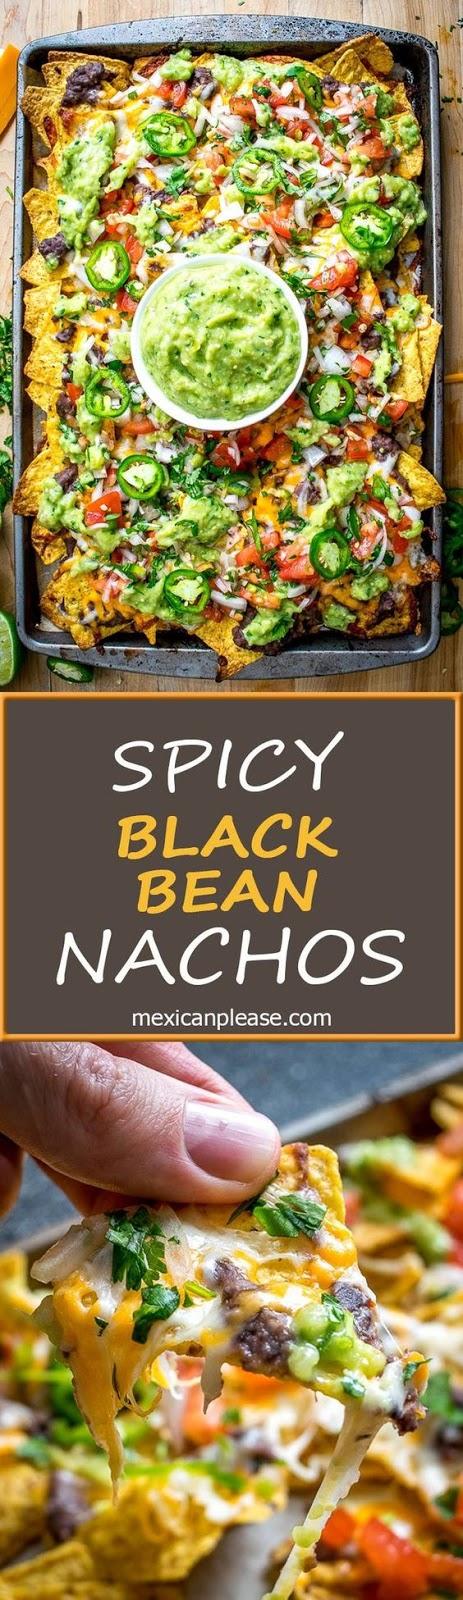 Spicy Black Bean Nachos